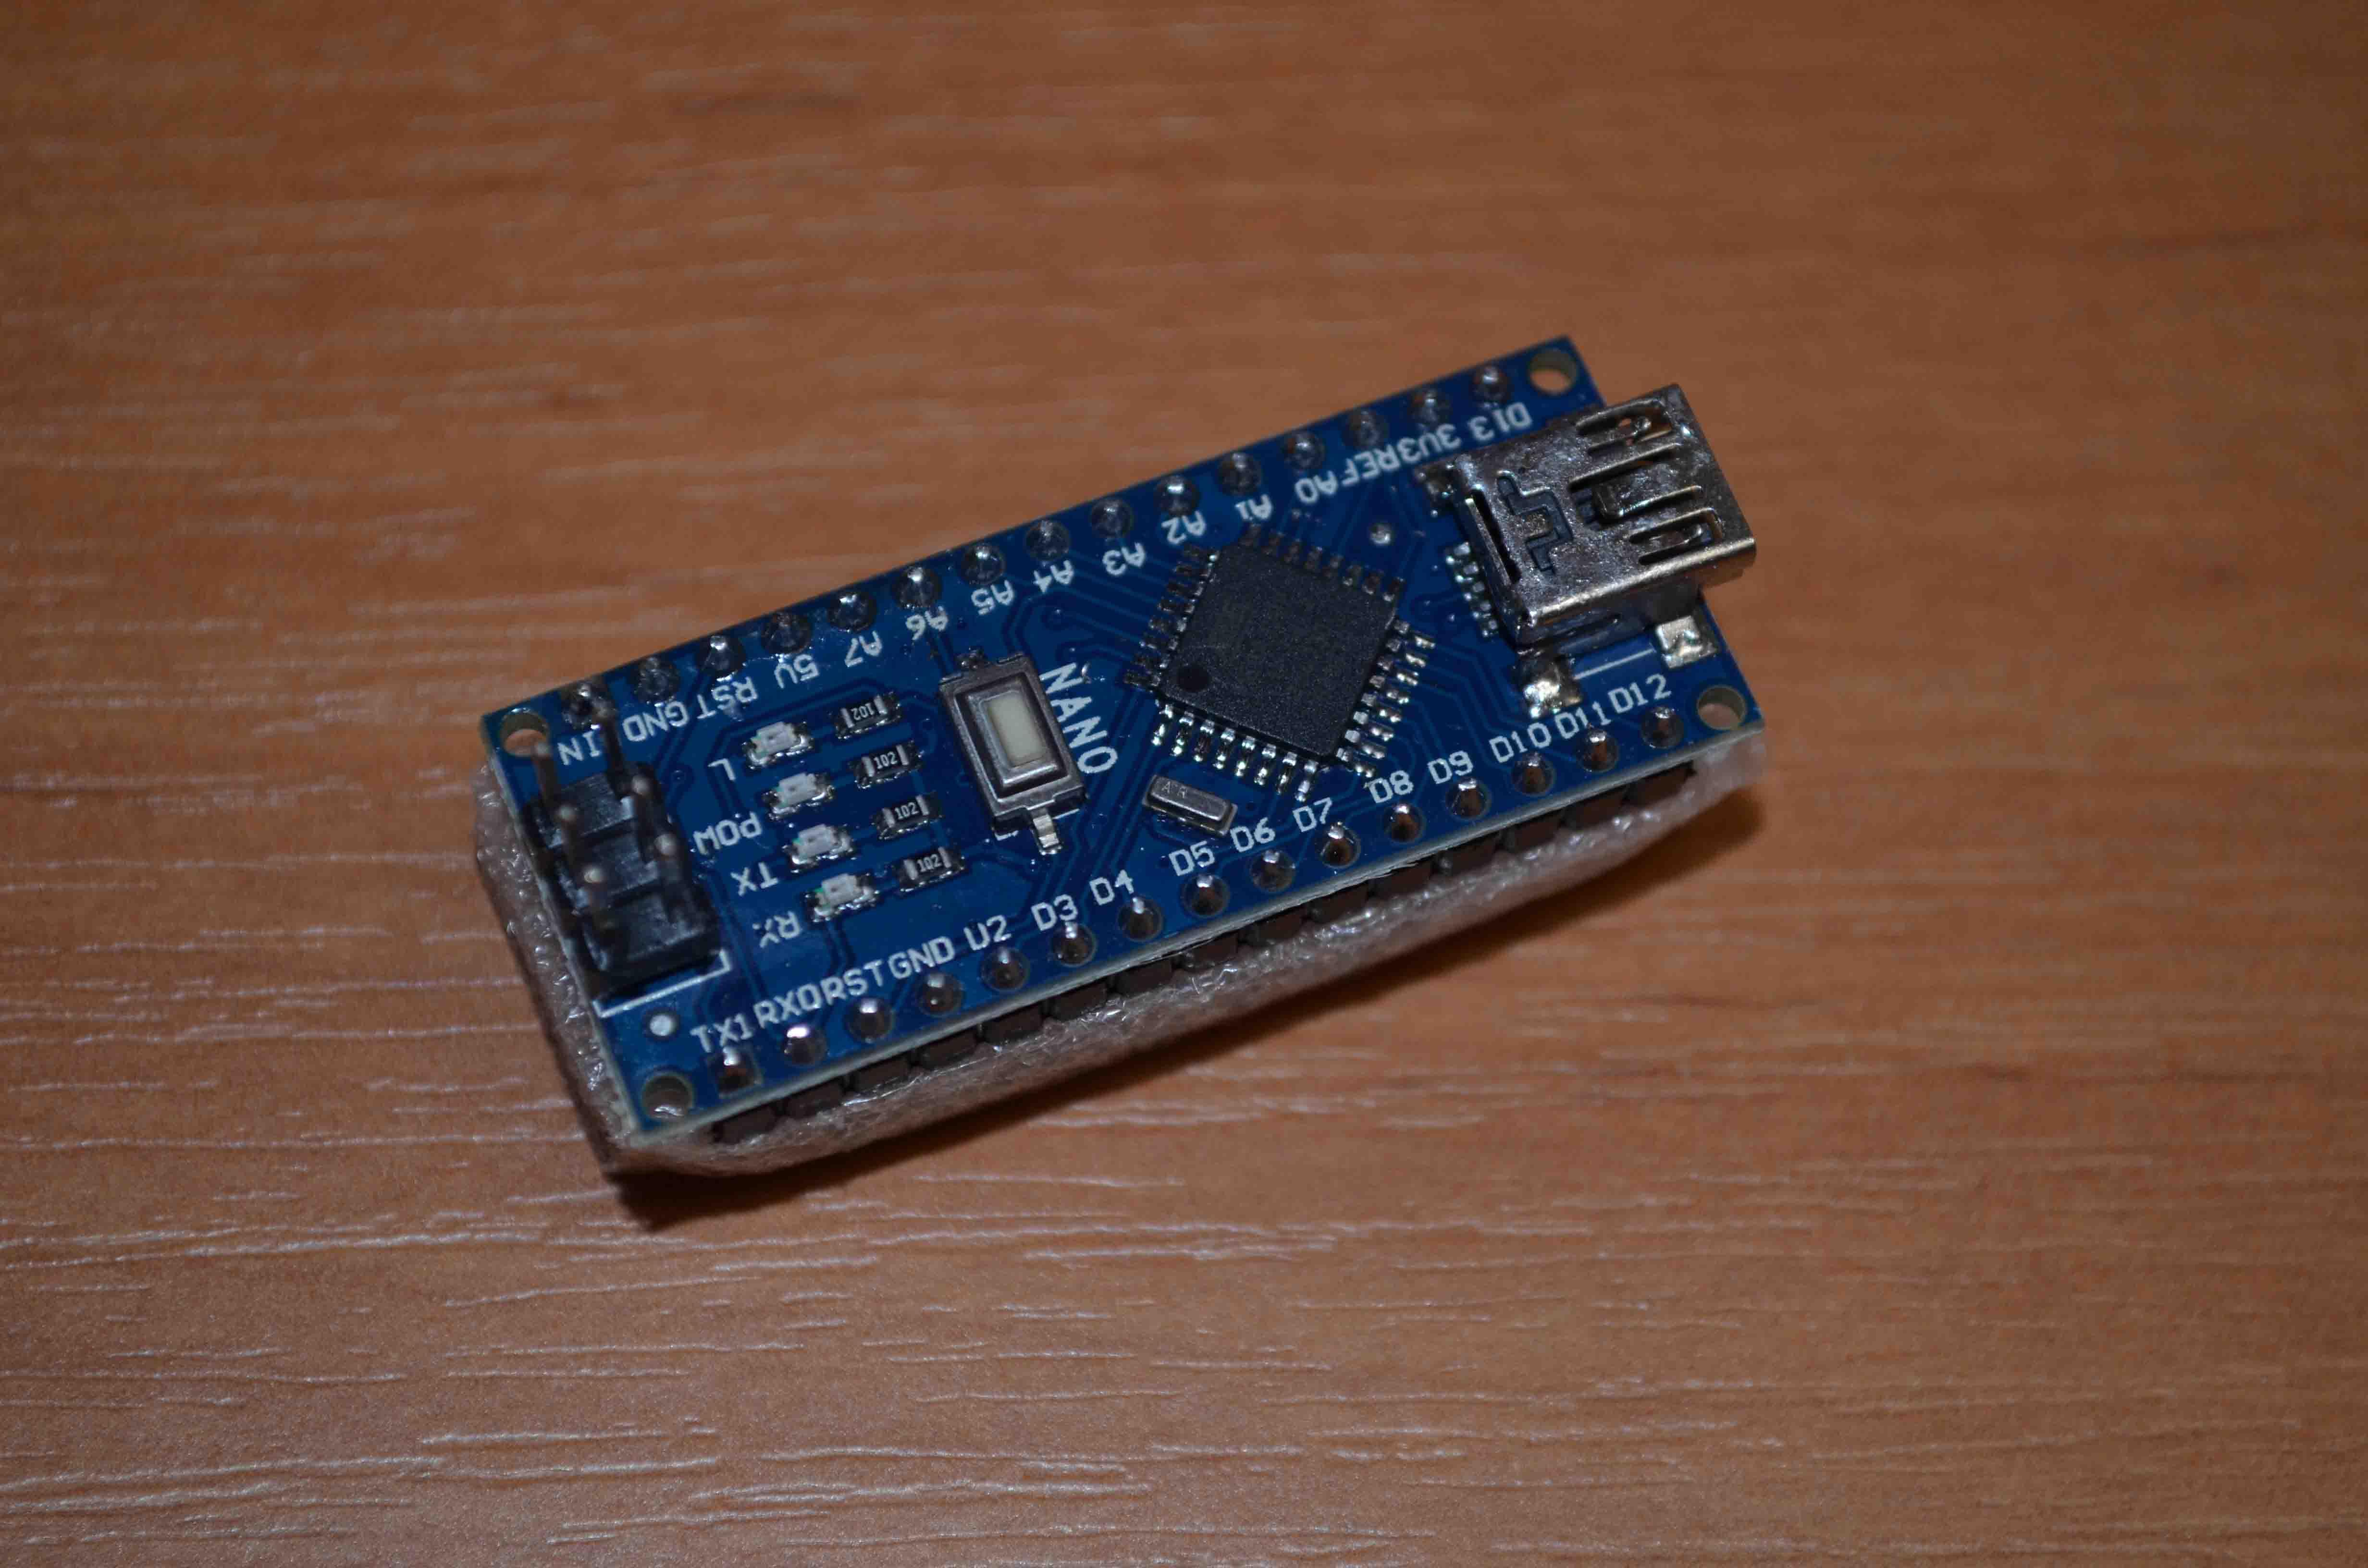 NANO 3.0 controlador compatible con NANO CH340 turno USB controlador ninguna CABLE V3.0 NANO